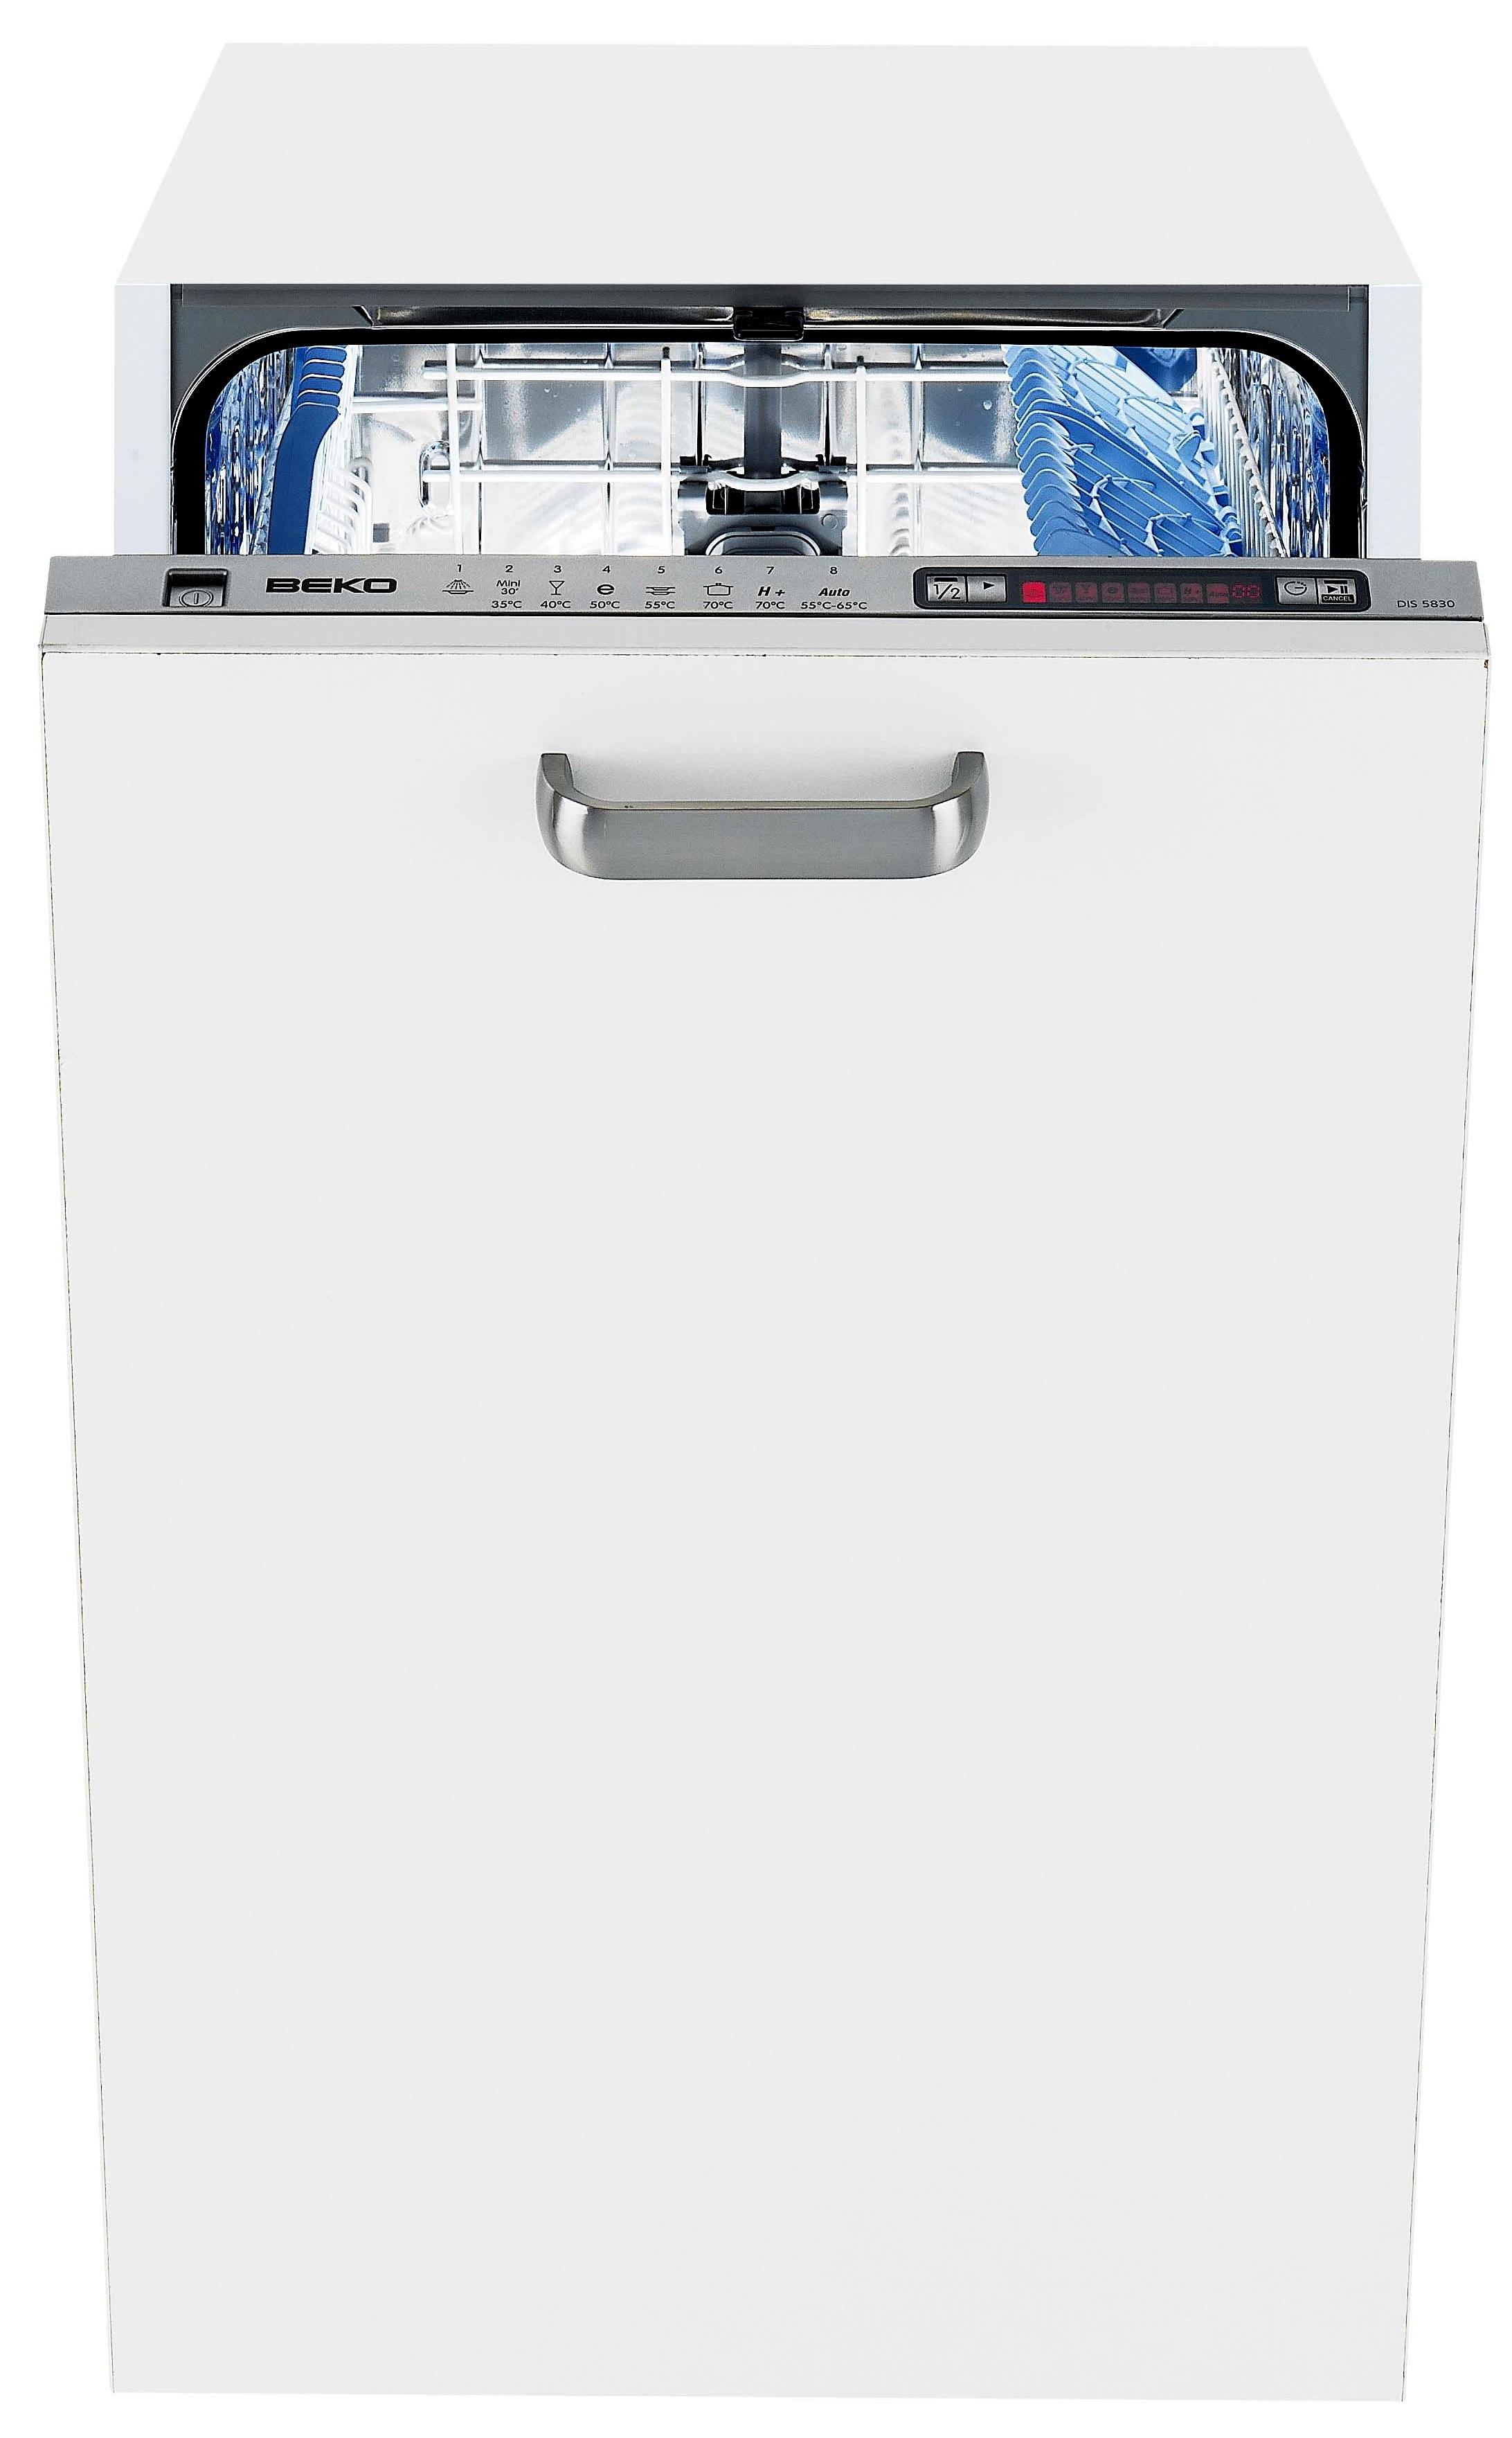 Инструкция к холодильнику bosch kgn 36a03